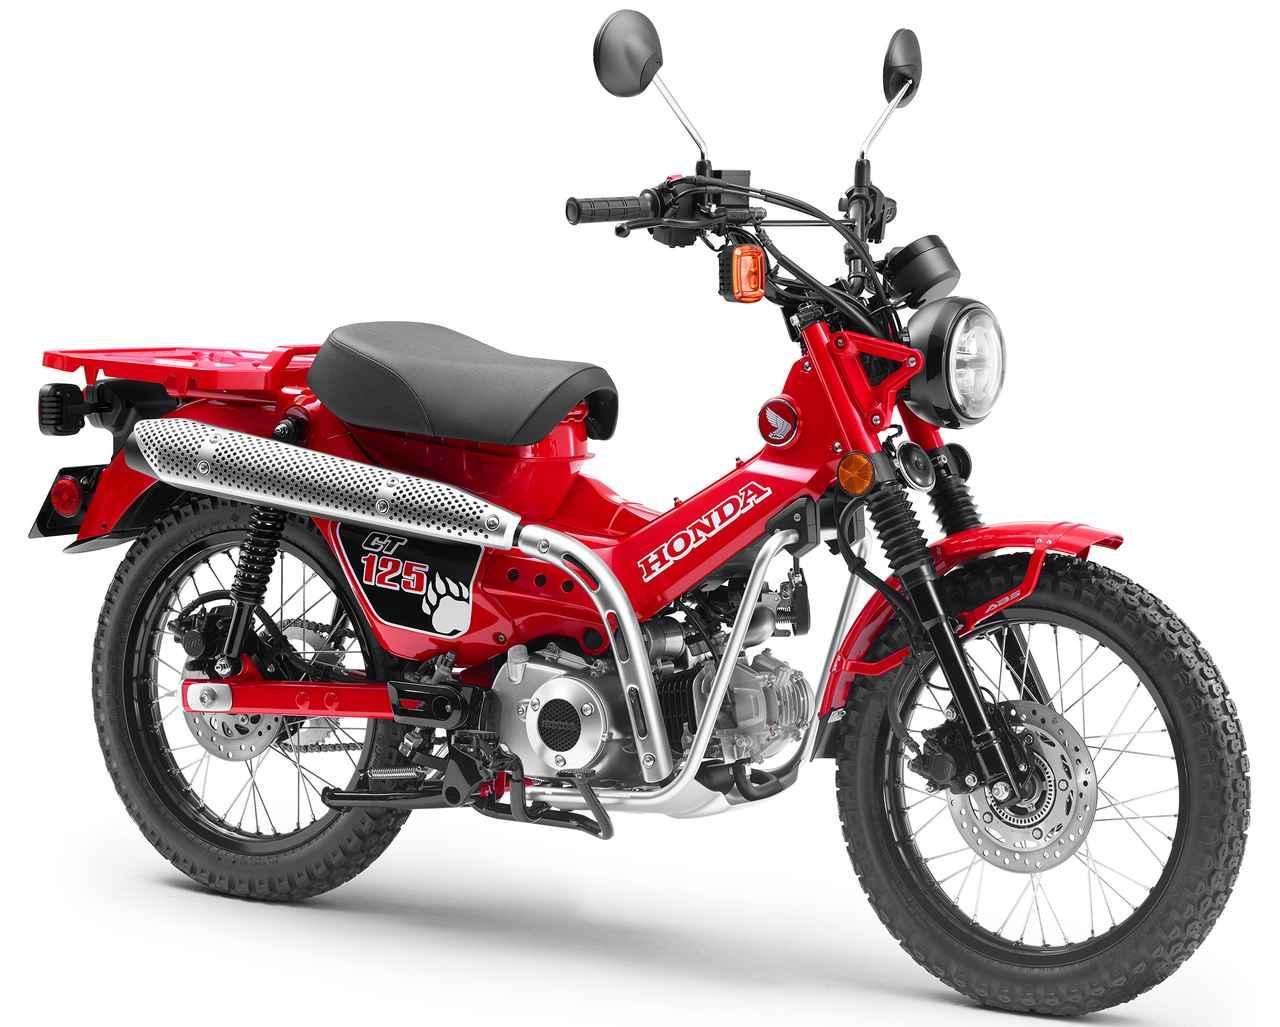 画像: 出た、CT125!ADV150!新型アフリカツイン!ホンダが東京モーターショー2019の出展車両を発表!! - webオートバイ